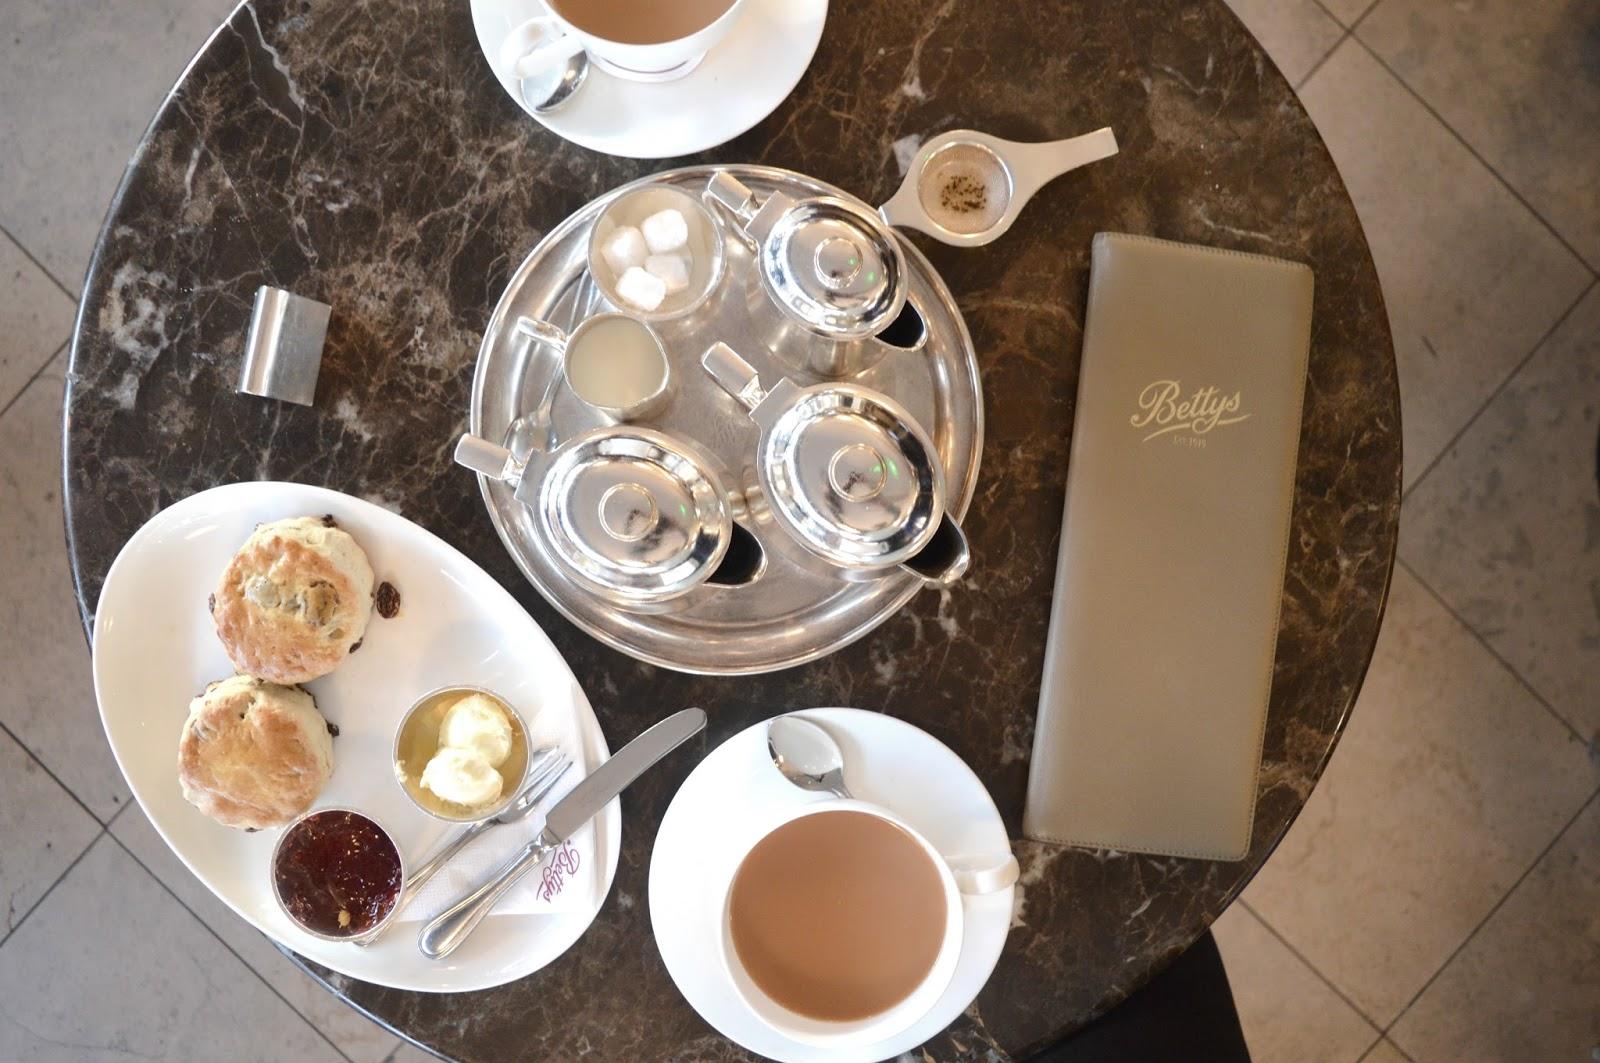 A Weekend in Harrogate - Bettys Tea Room